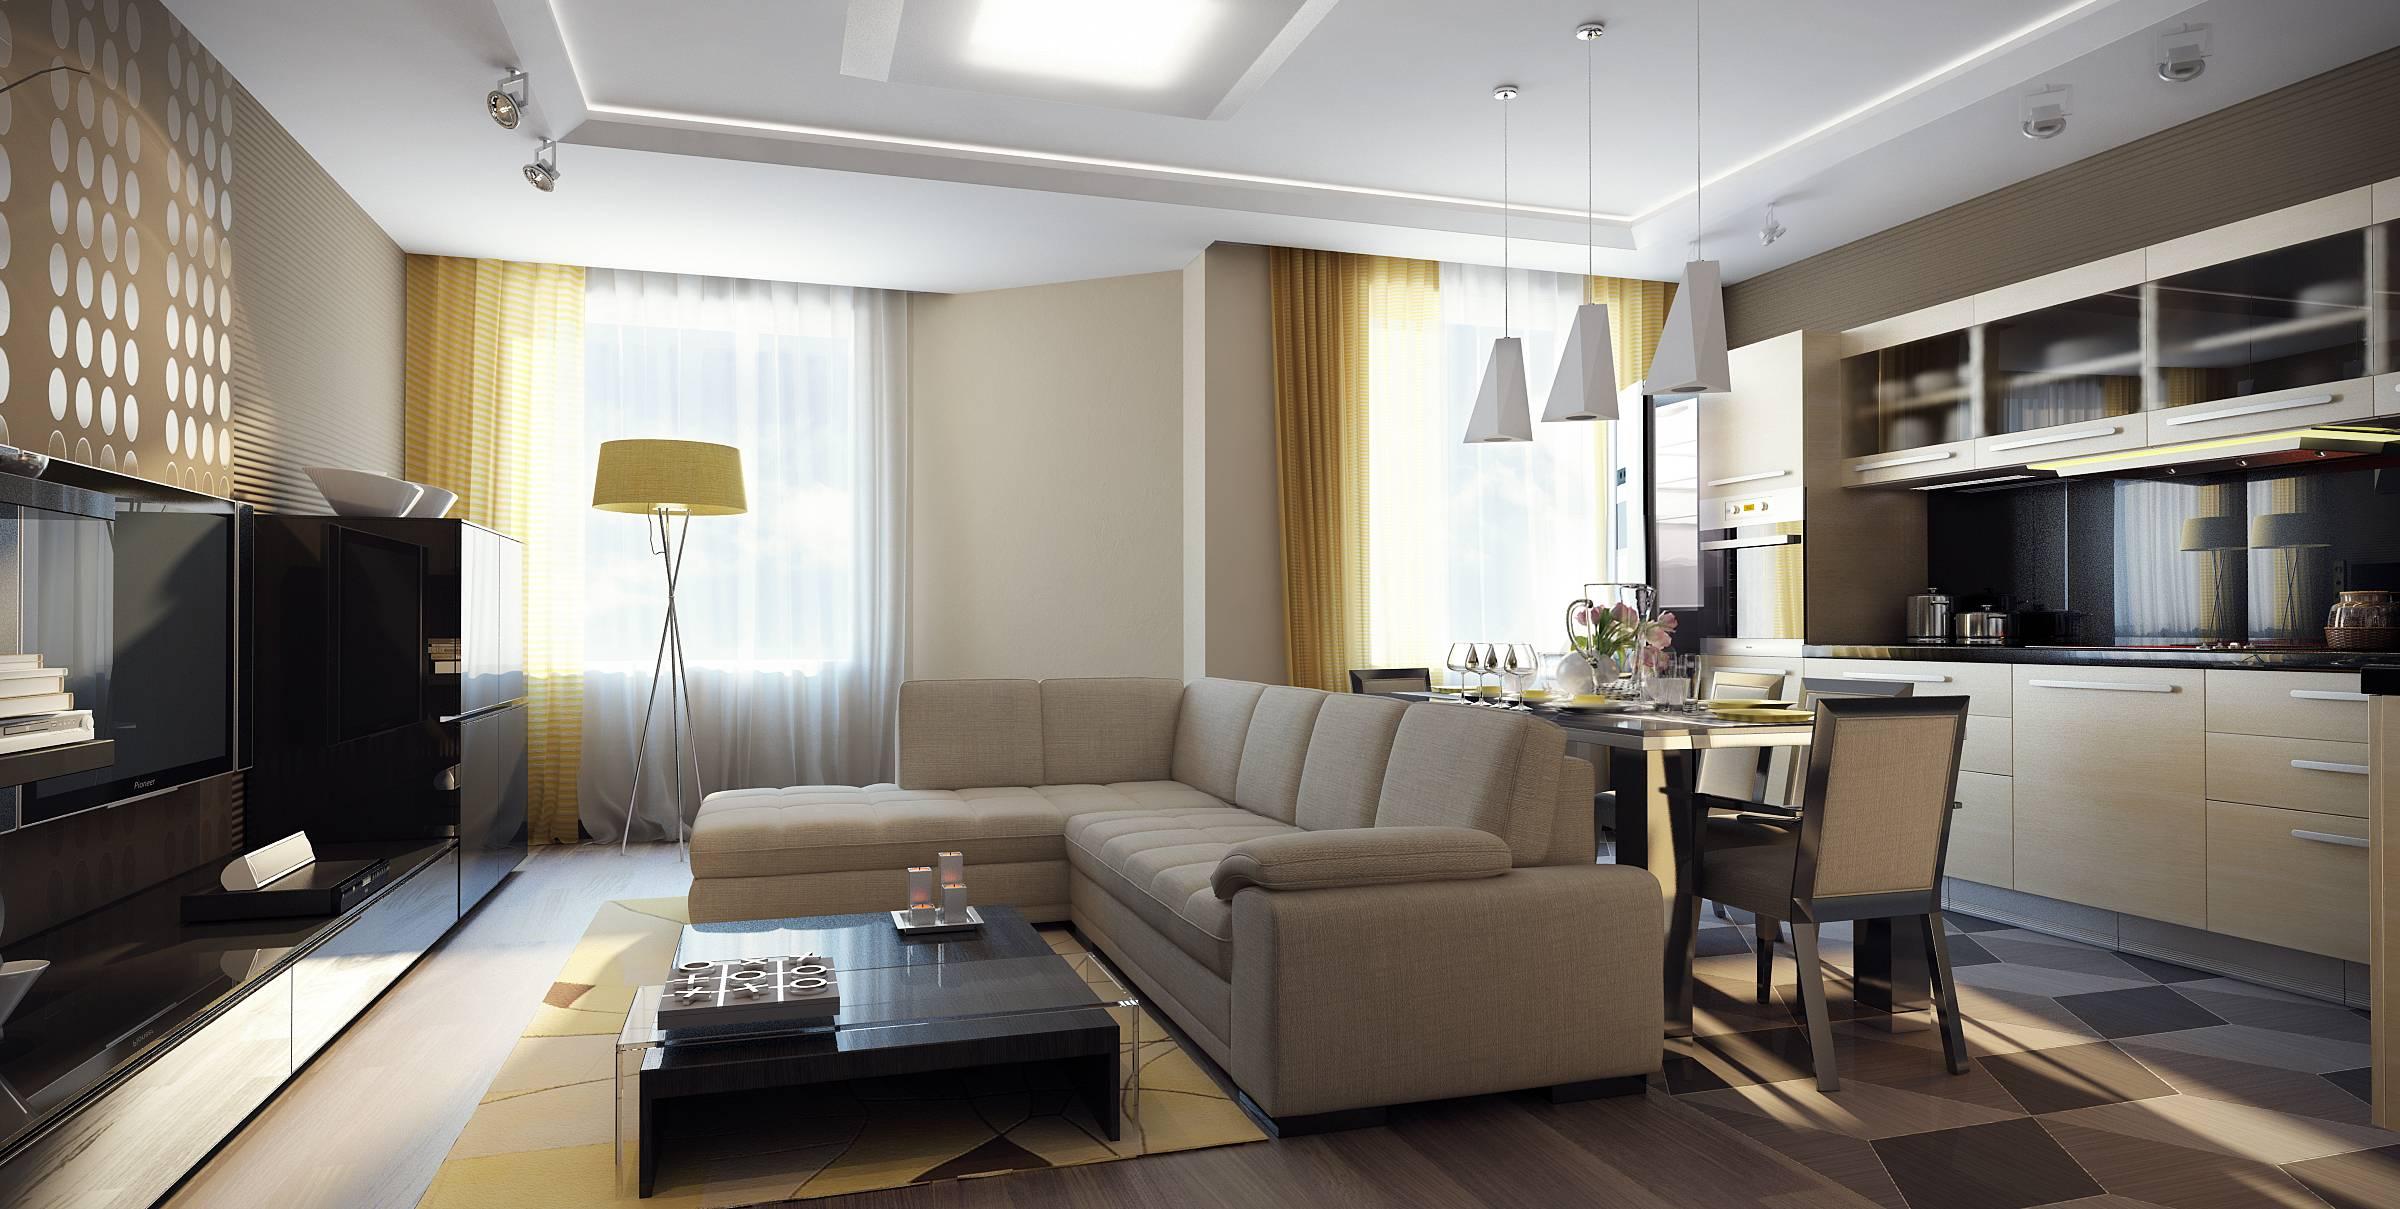 Дизайн студии гостиная кухня